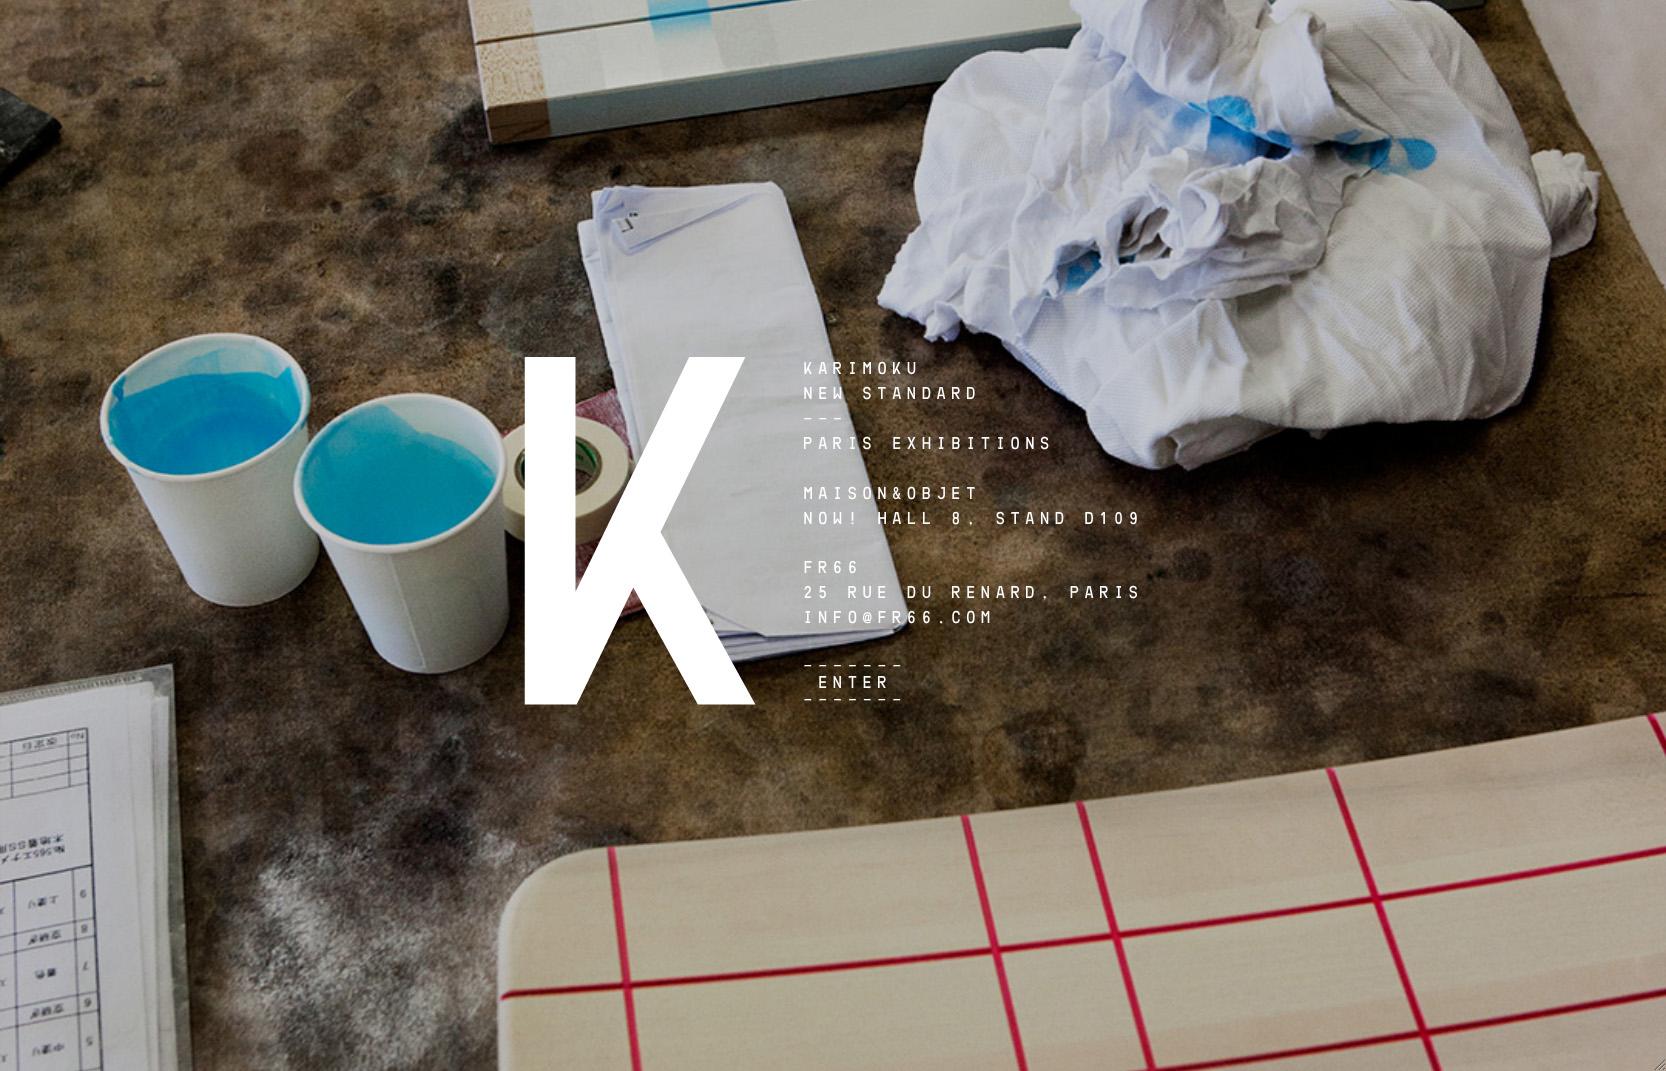 Karimoku-newstandard